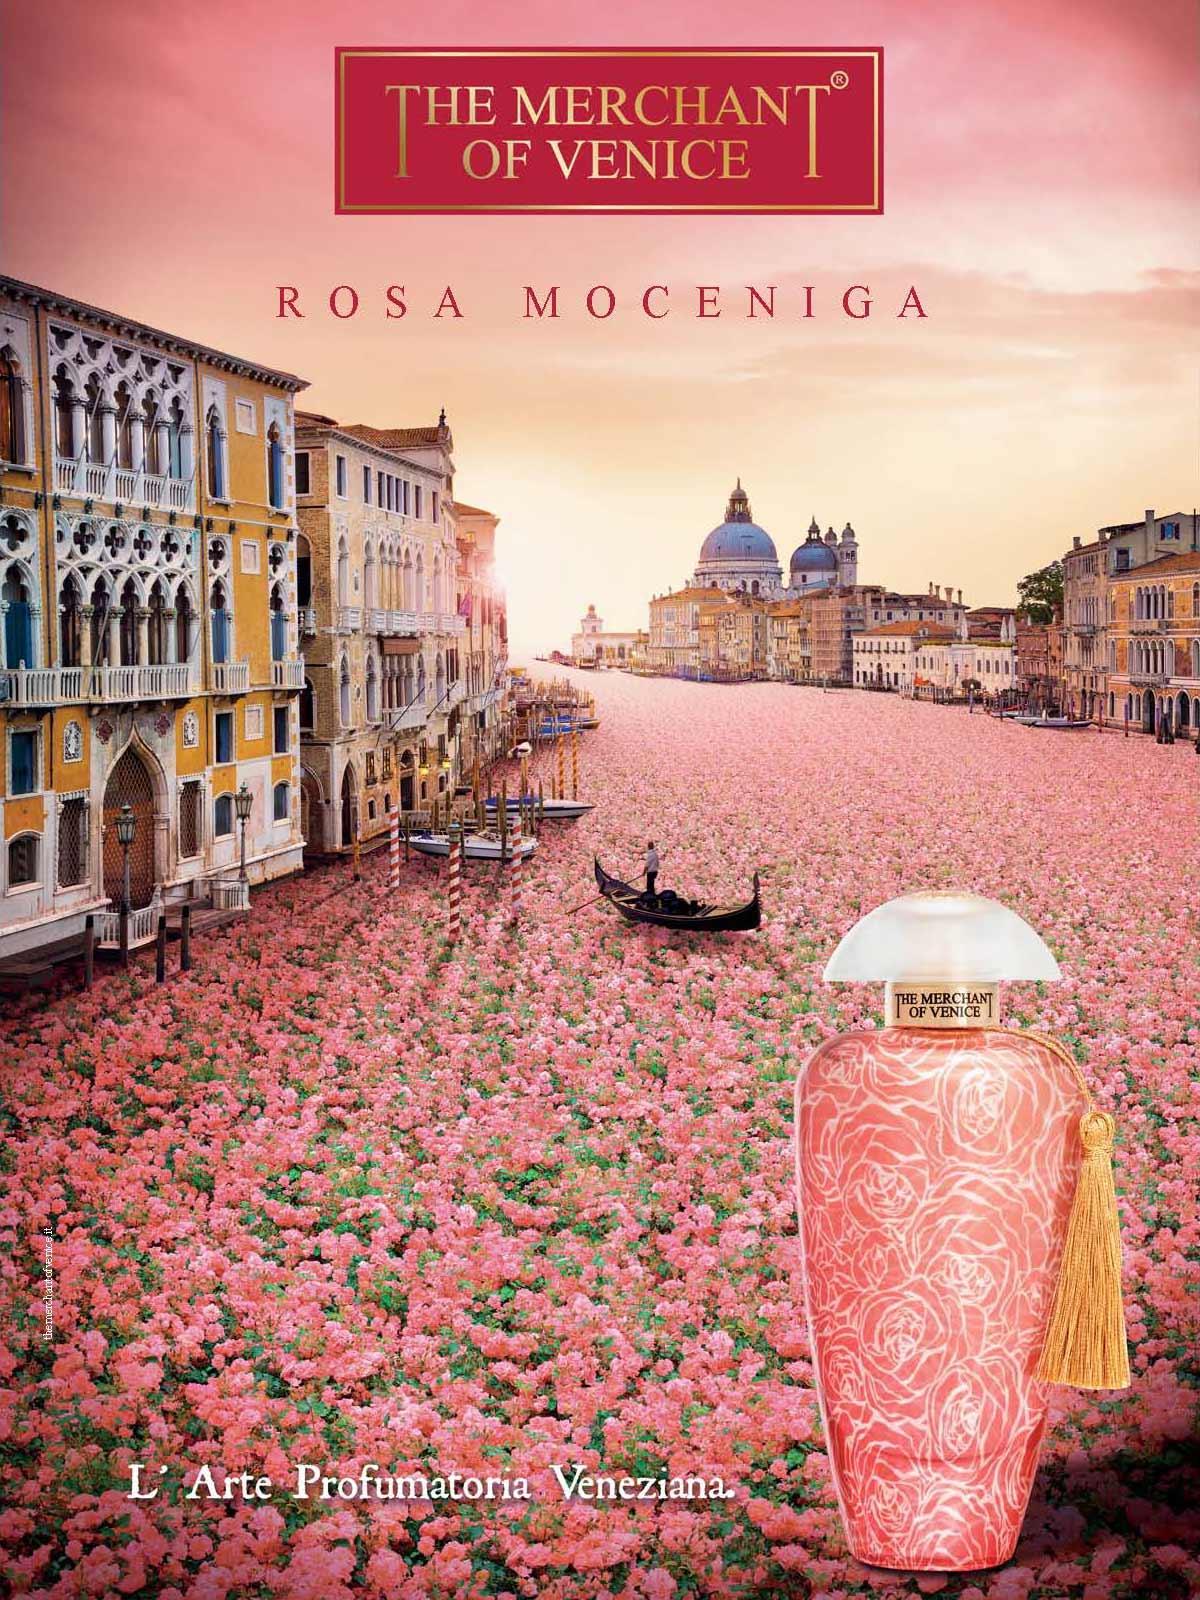 Ein Bild des The Merch Of Venice Visuals